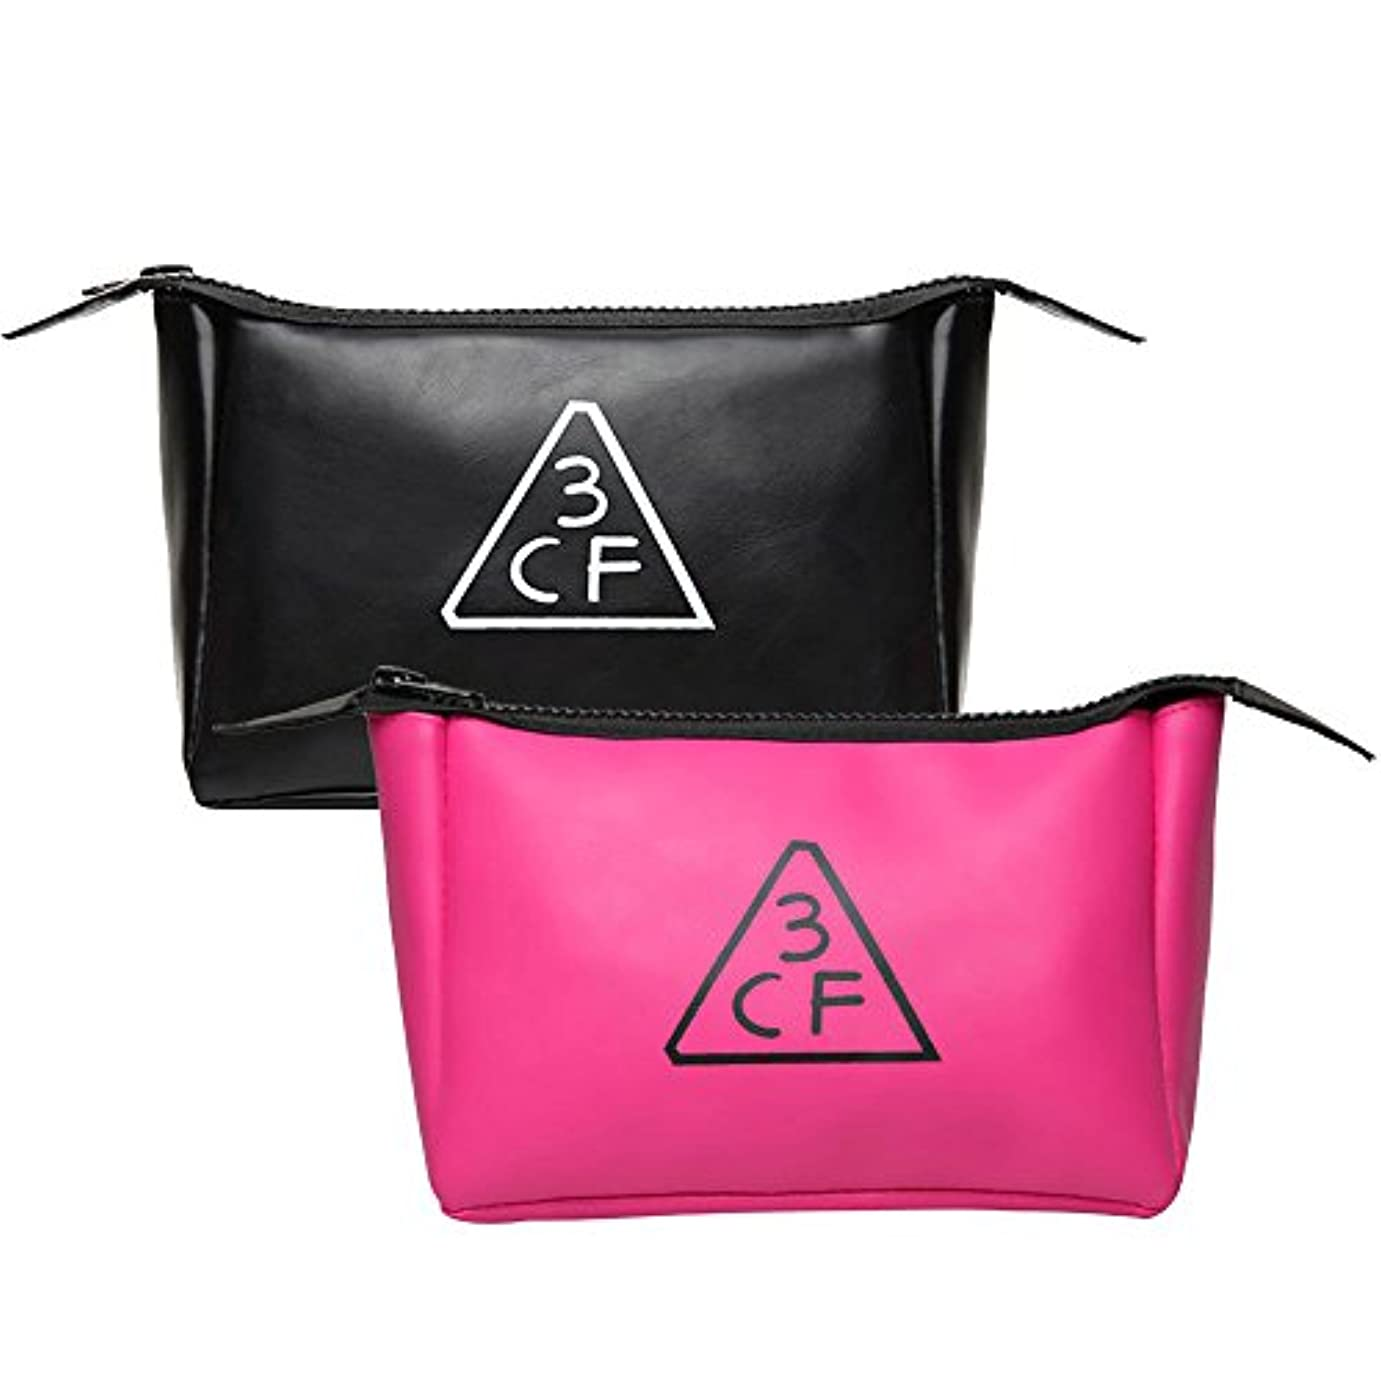 枕分析するスナッチ韓国コスメ 化粧ポーチ レディース PINK Style 人気 コスメポーチ スタイルナンダ ポーチ 大容量 かわいい ピンク 小さい ブランド 黒